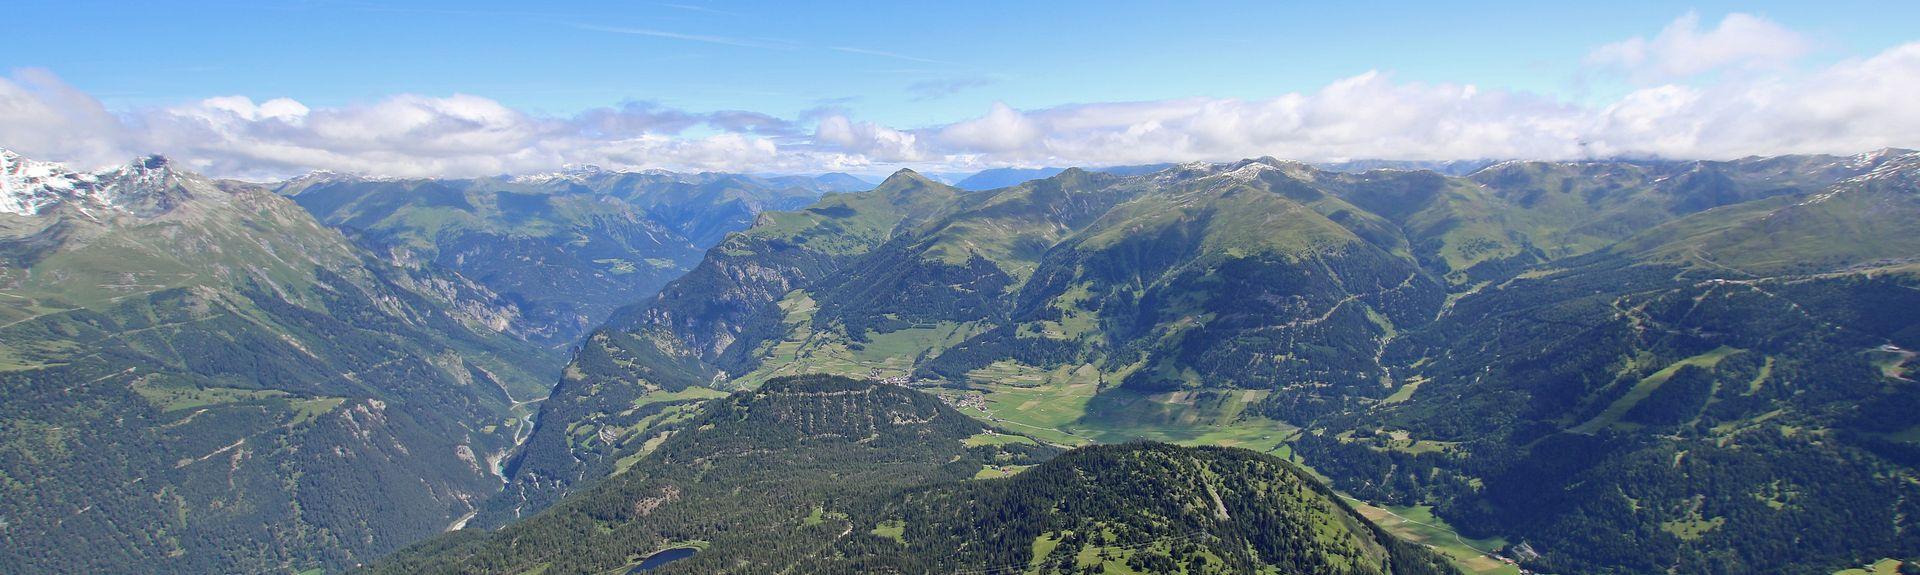 Fließ, Tirol, Oostenrijk